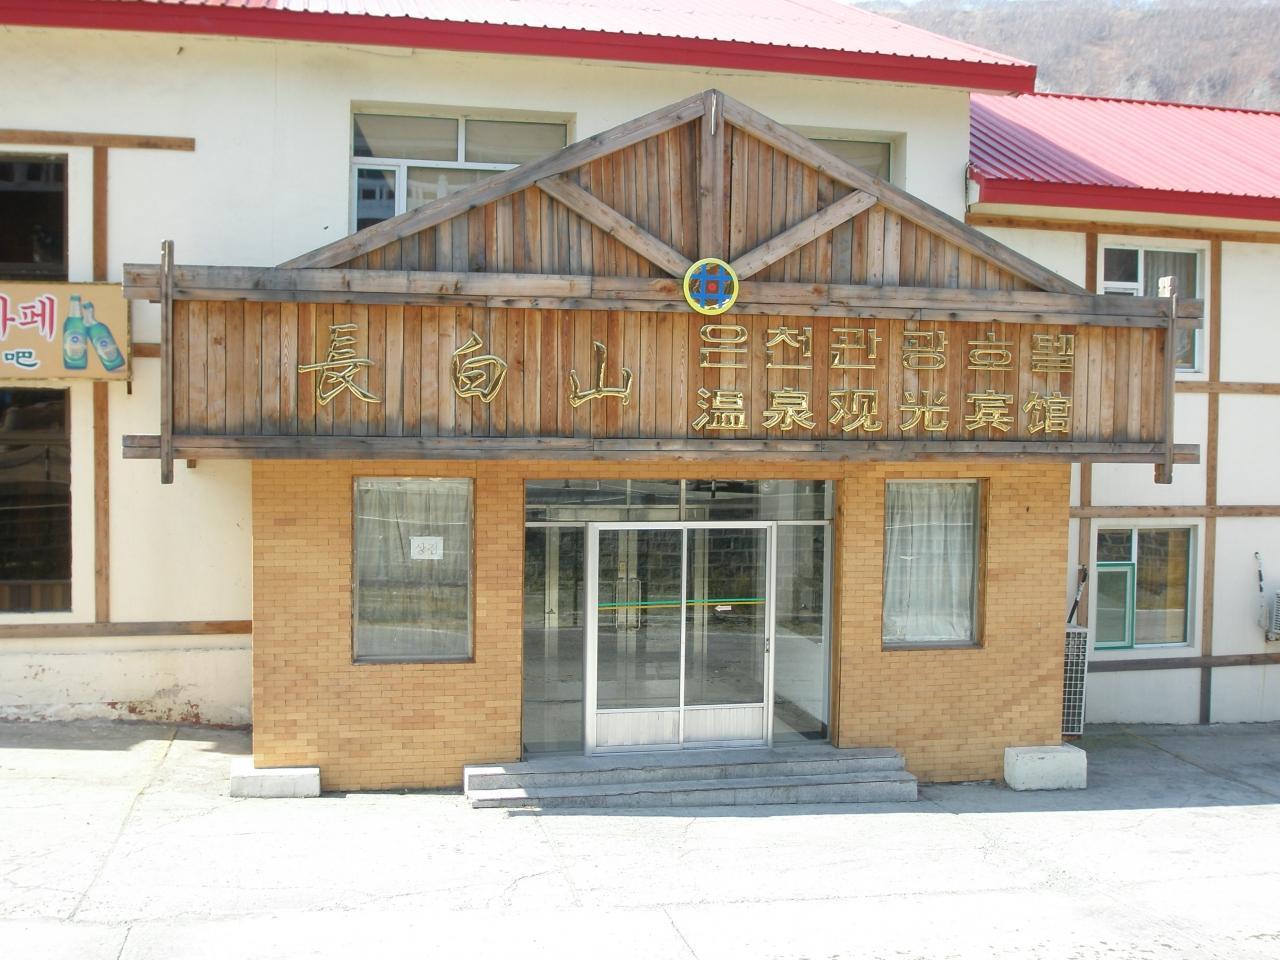 大江戸温泉物語 / プールのある宿 - ooedoonsen.jp